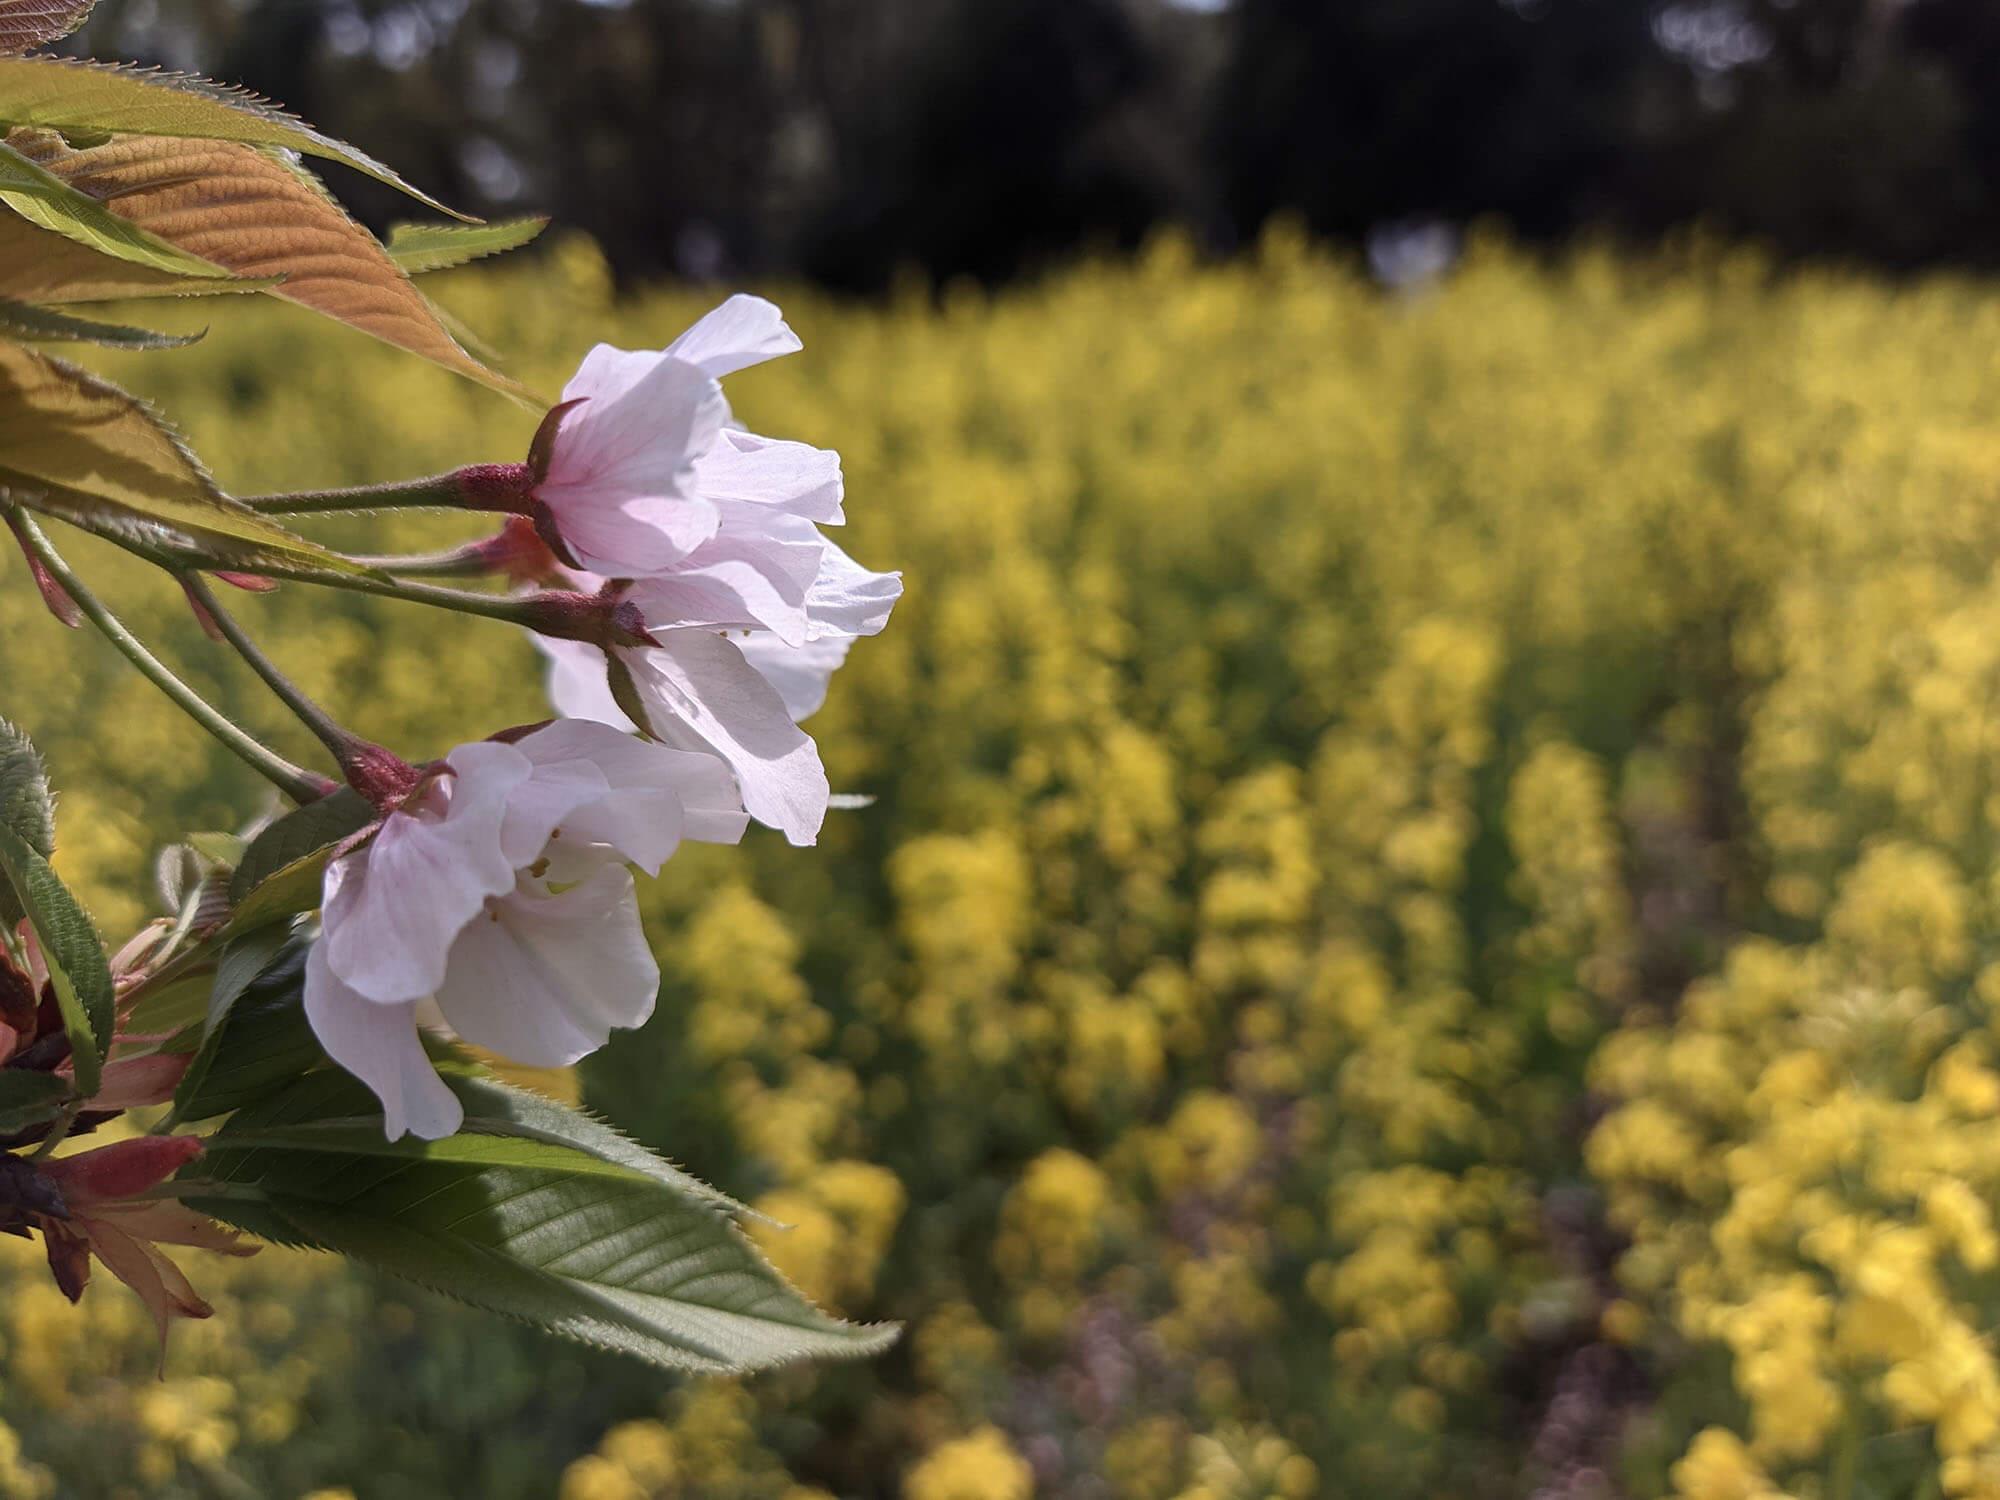 Redmi 9Tで撮影した桜と菜の花